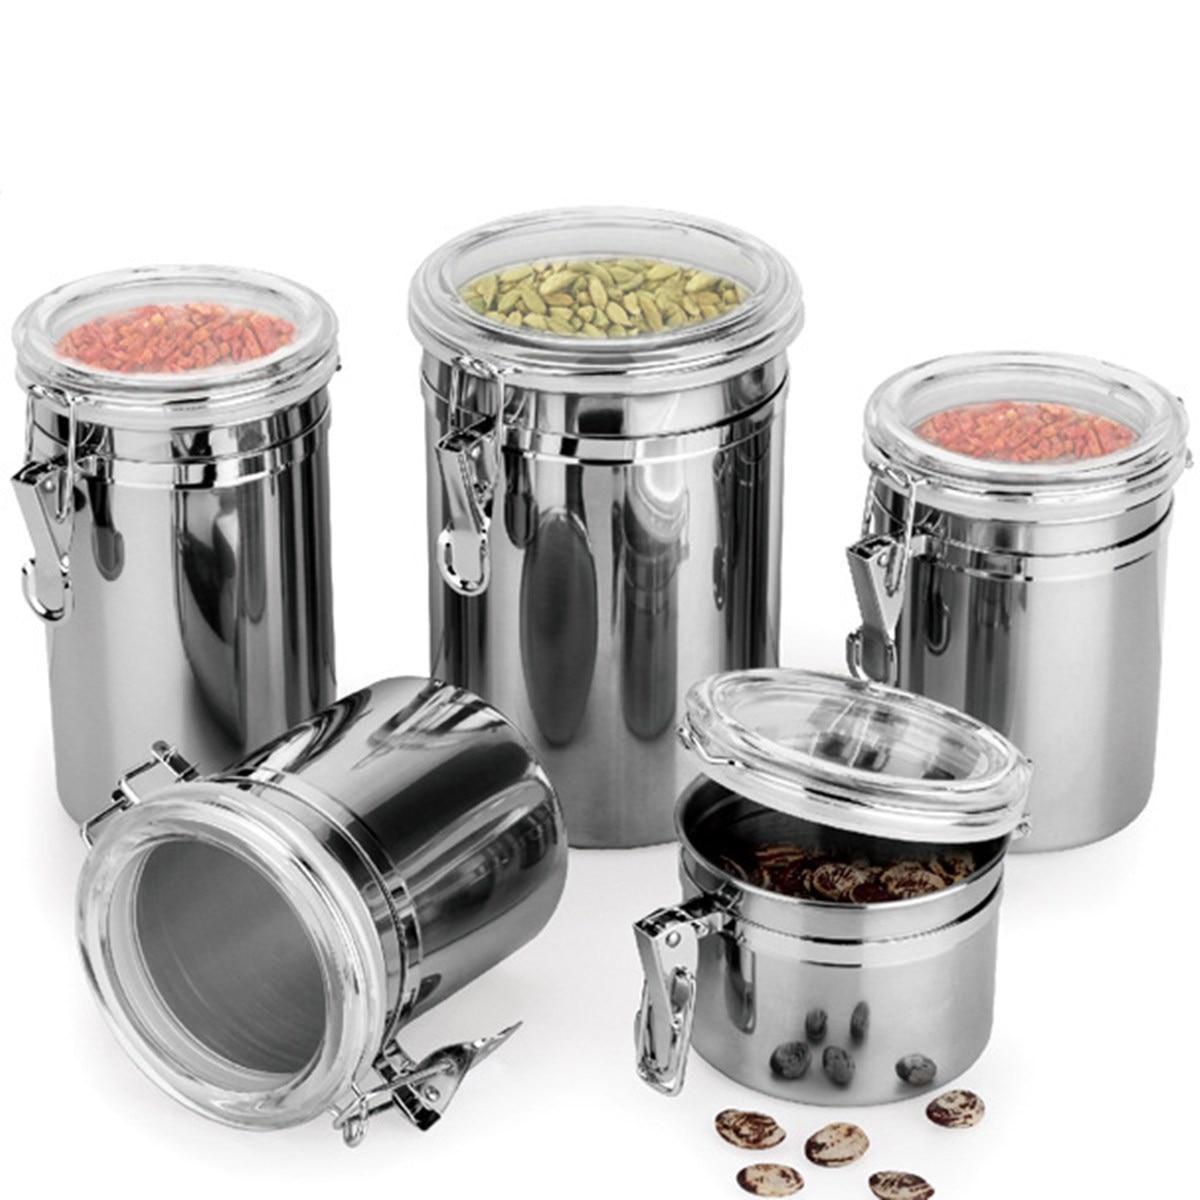 Metal Storage Food Bottles Sugar Tea Coffee Beans